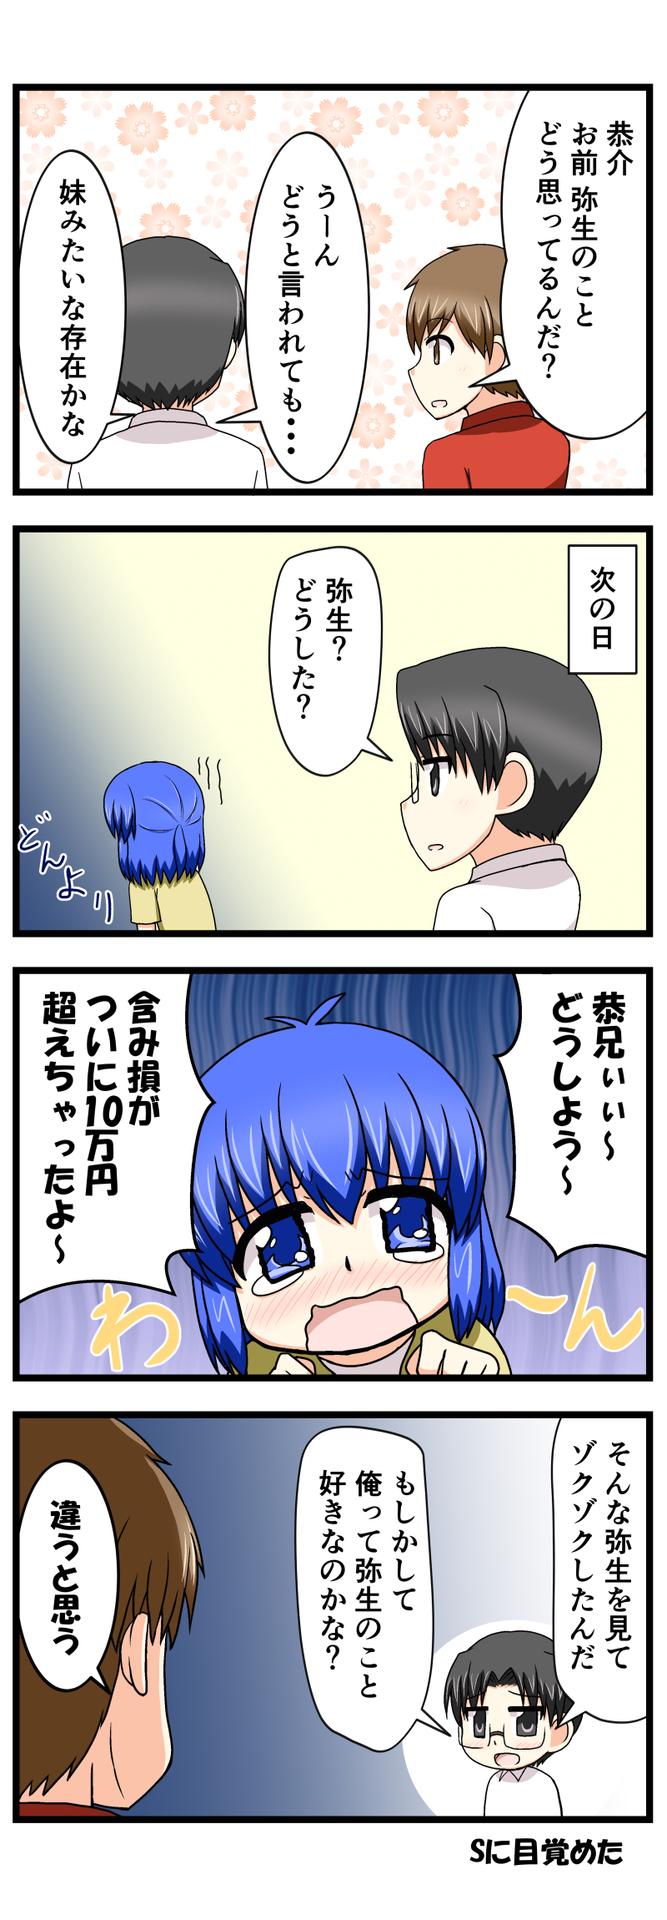 萌える株セミナー65.jpg